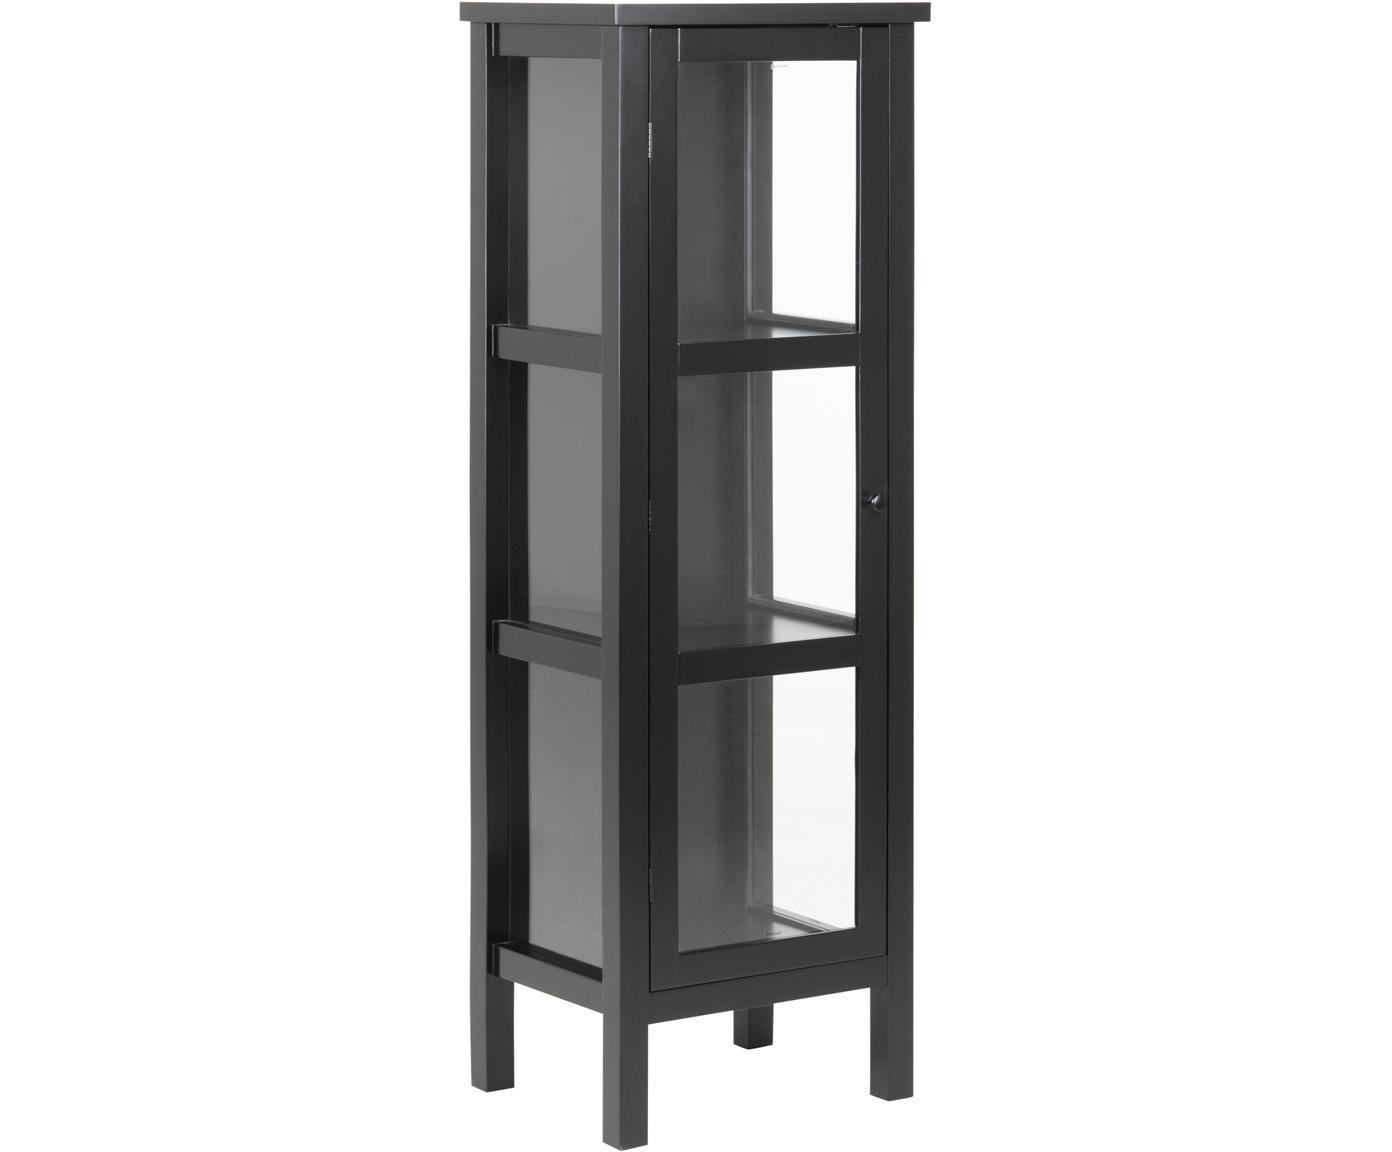 Vitrinekast Eton met houten frame, Frame: gelakt MDF, Zwart, 36 x 137 cm